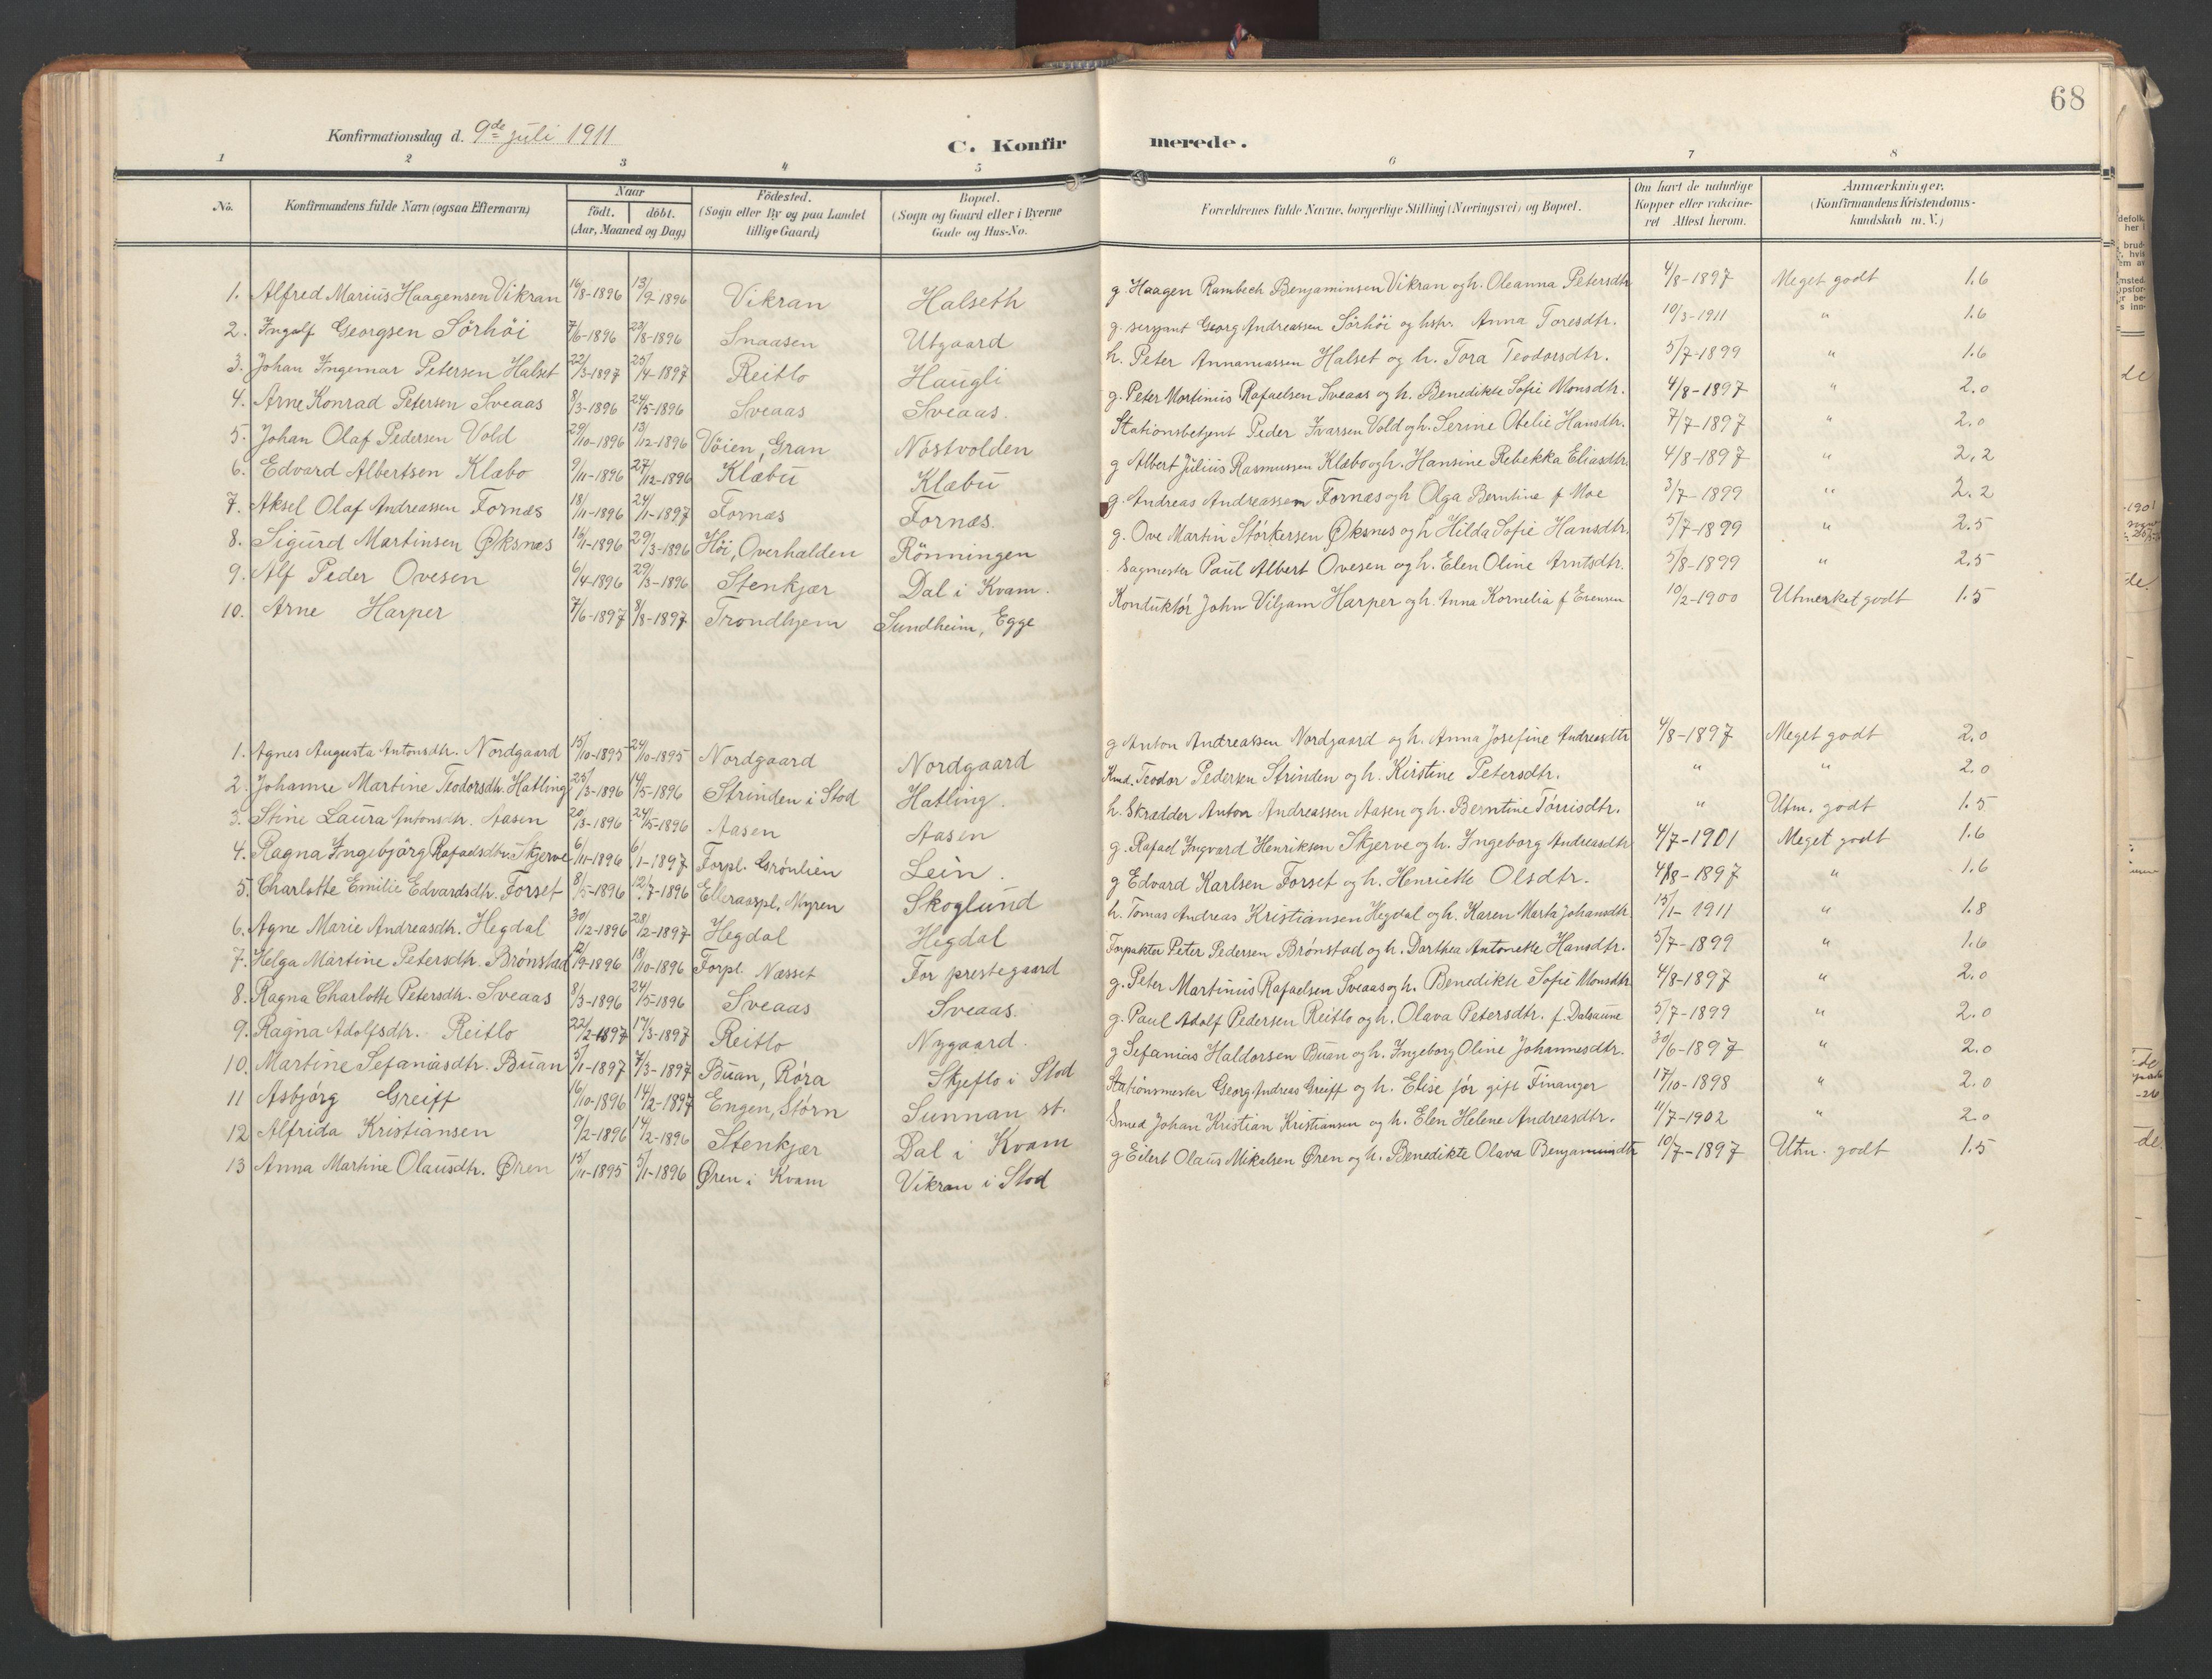 SAT, Ministerialprotokoller, klokkerbøker og fødselsregistre - Nord-Trøndelag, 746/L0455: Klokkerbok nr. 746C01, 1908-1933, s. 68